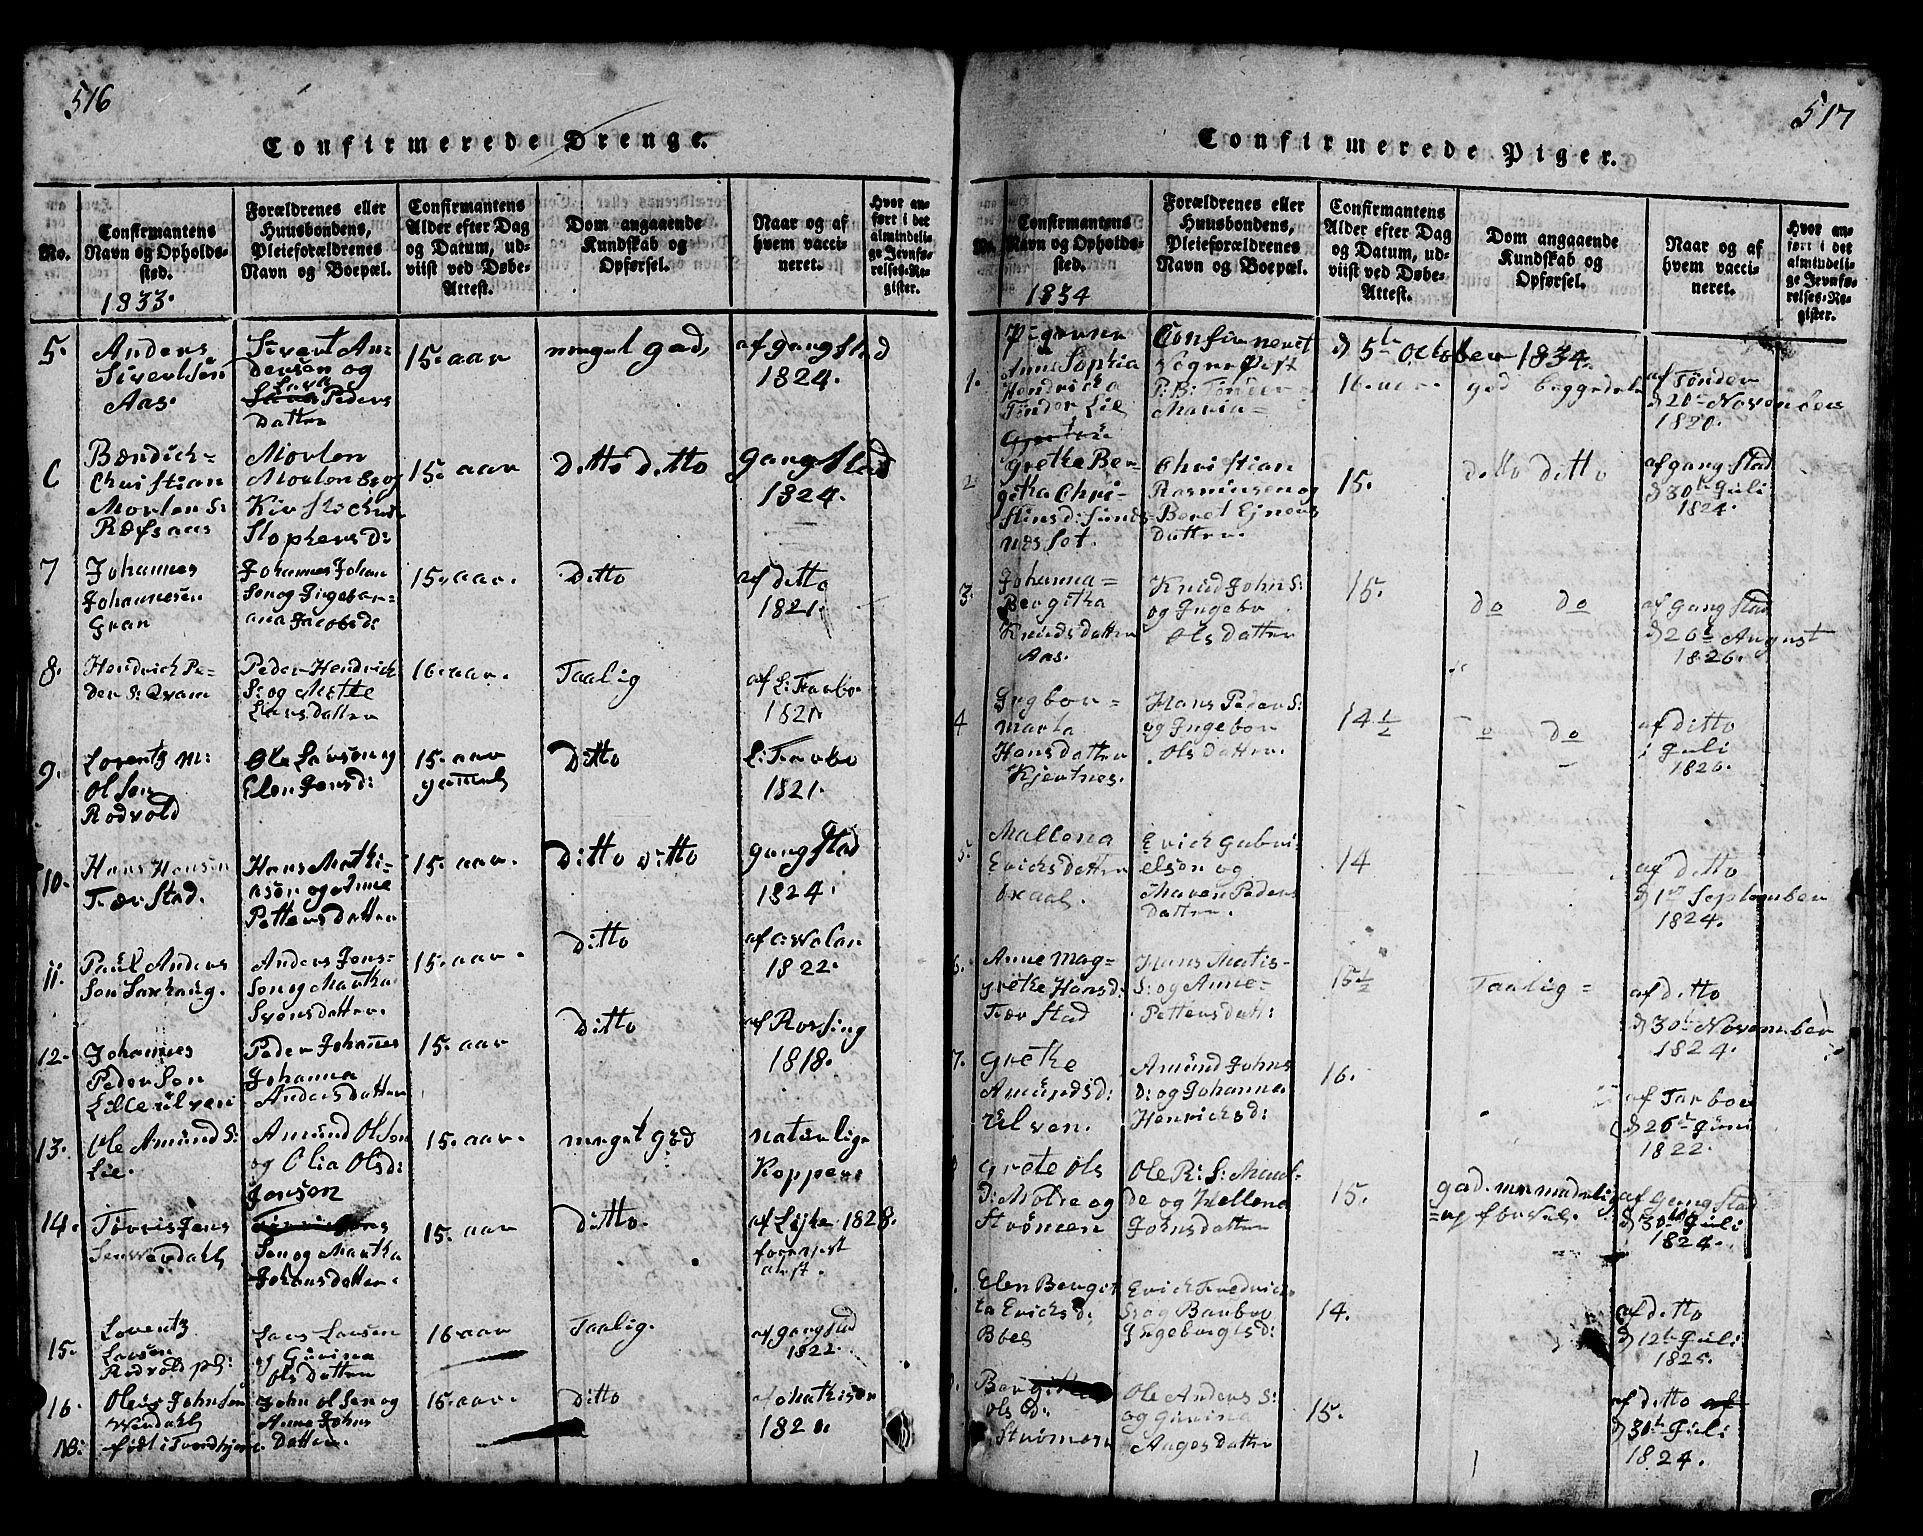 SAT, Ministerialprotokoller, klokkerbøker og fødselsregistre - Nord-Trøndelag, 730/L0298: Klokkerbok nr. 730C01, 1816-1849, s. 516-517